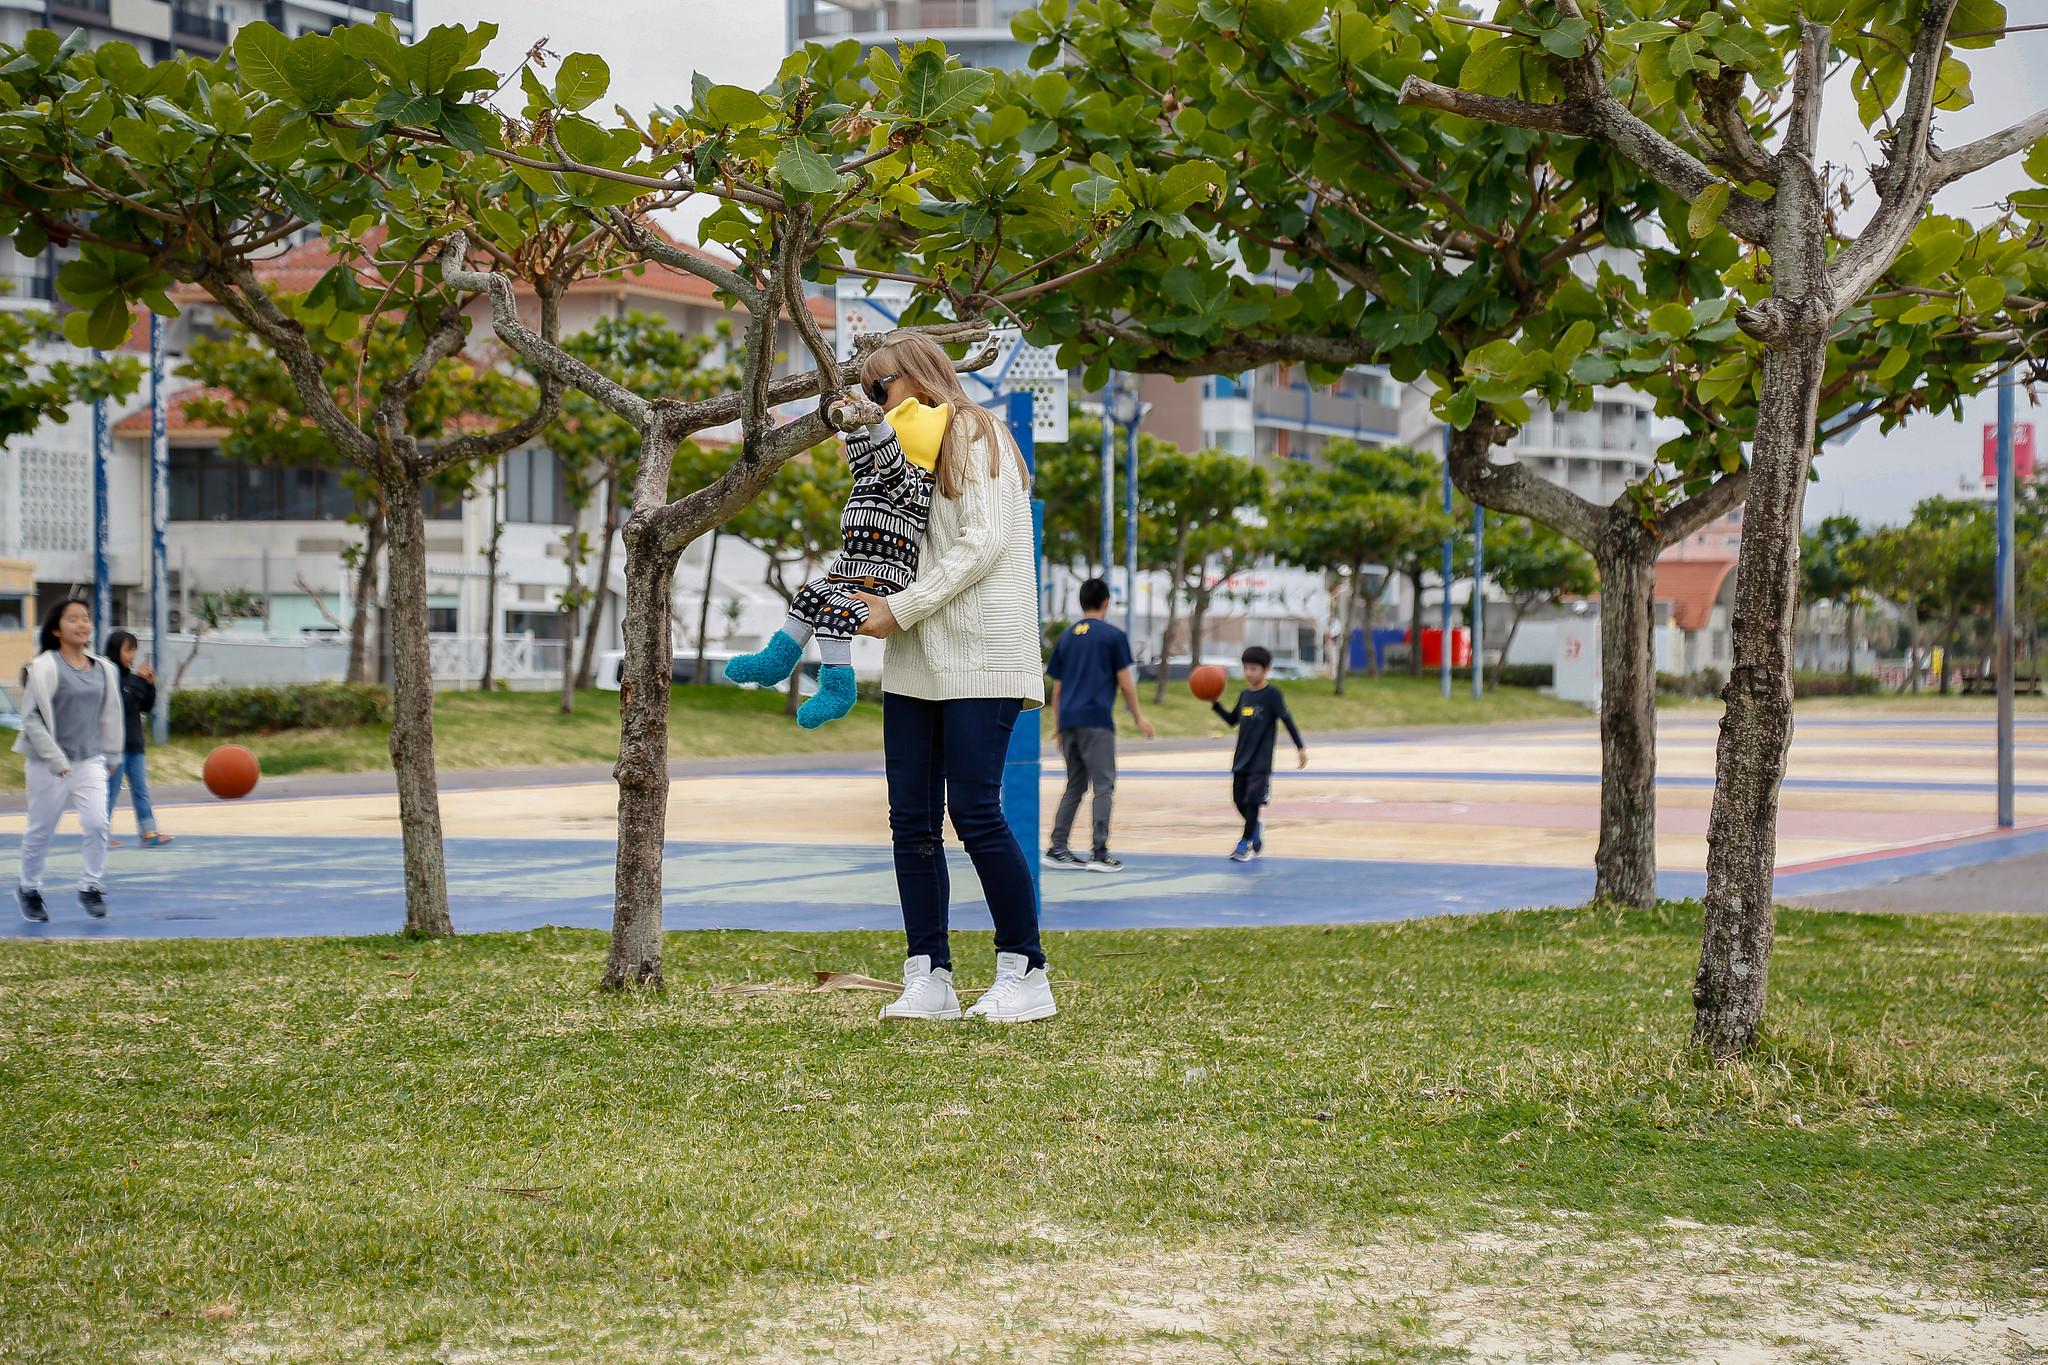 В Японию с младенцем. Неожиданные новогодние каникулы на Окинаве.